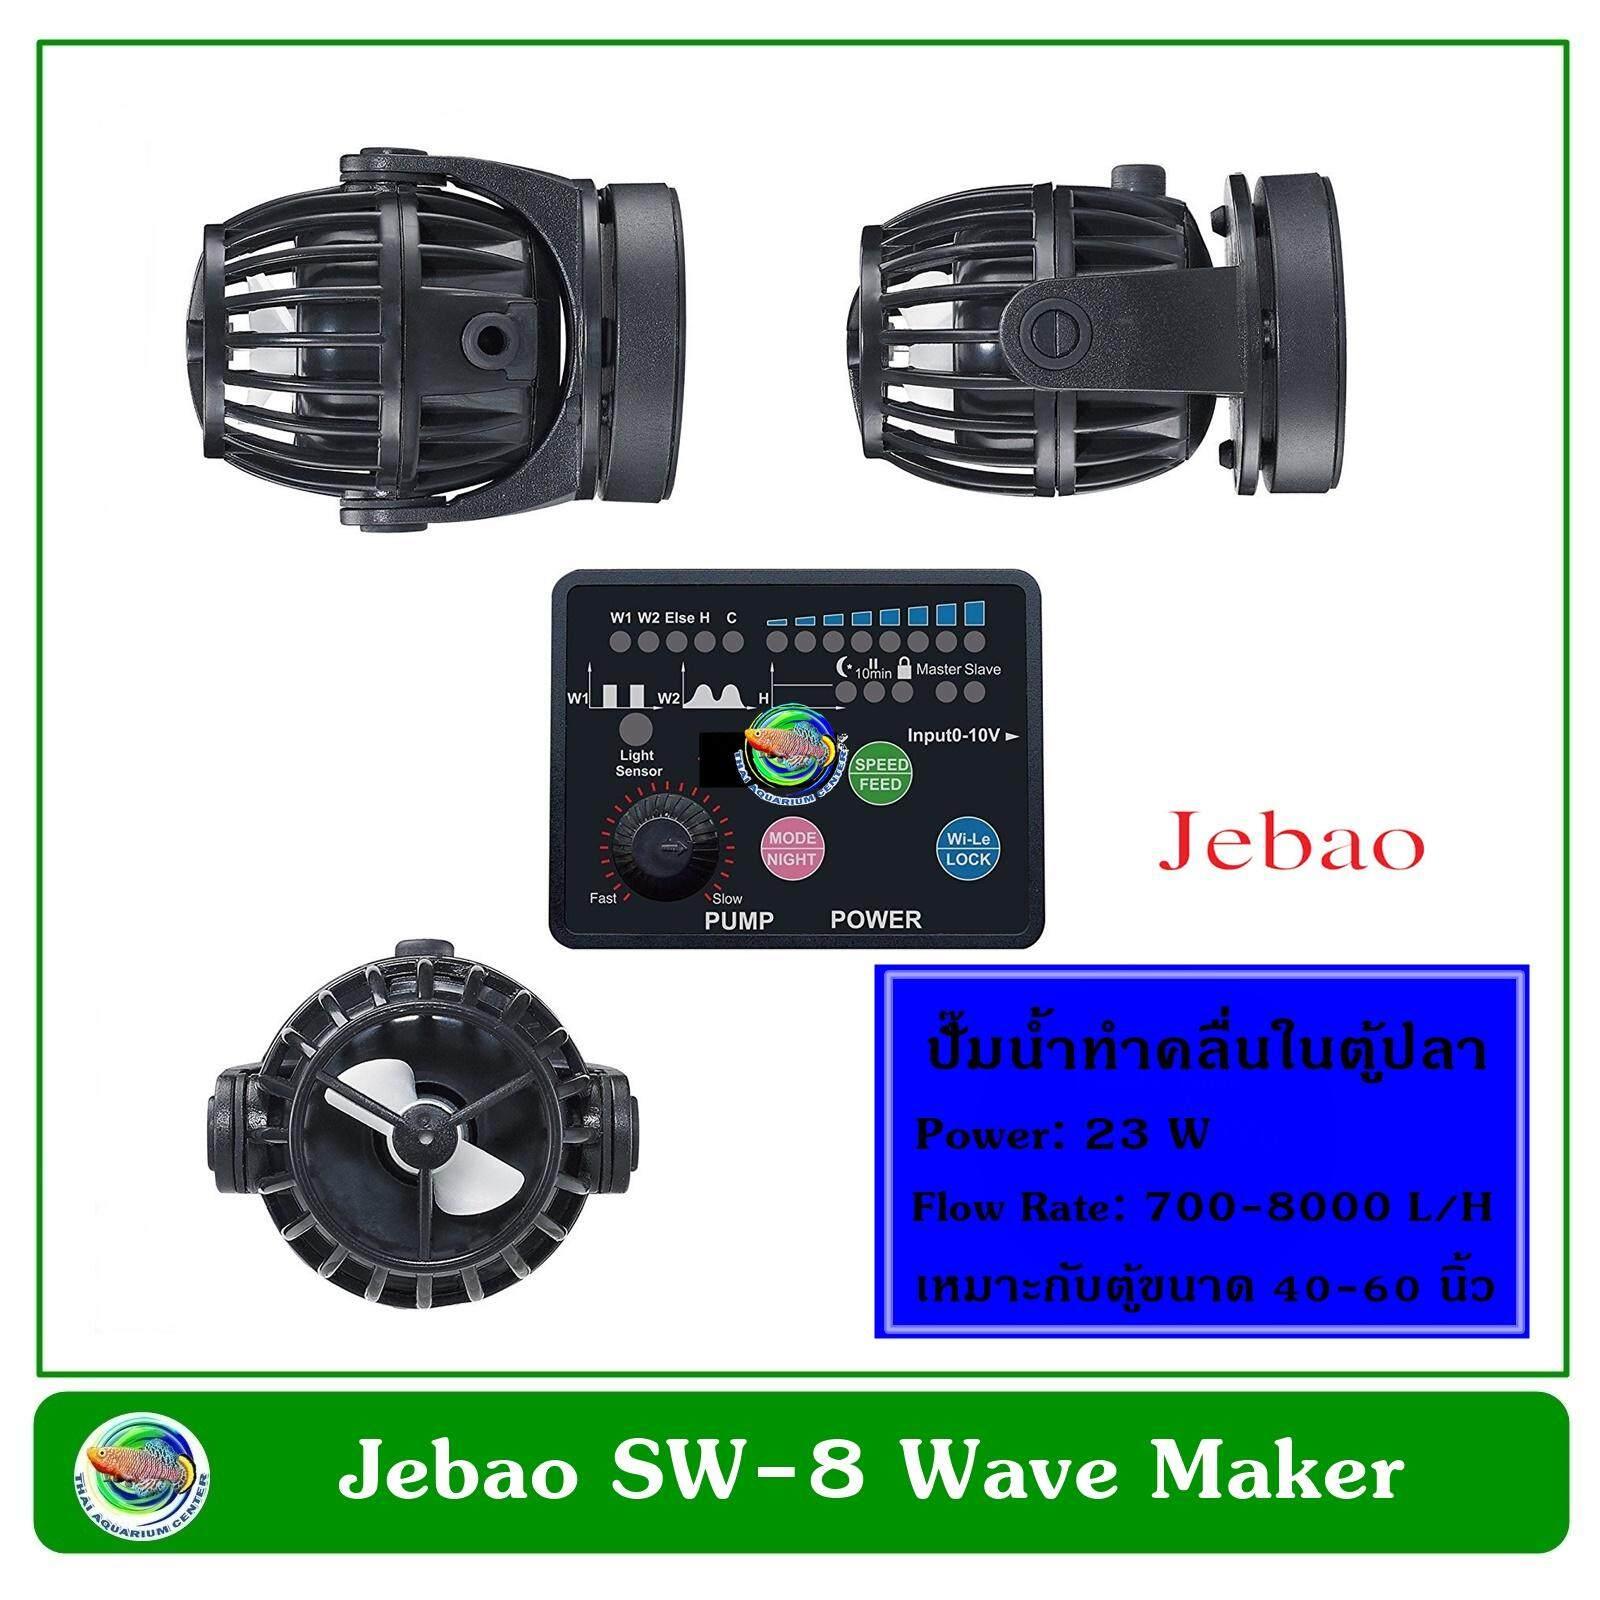 Jebao SW-8 เครื่องทำคลื่น ปั๊มทำคลื่น ปั๊มน้ำทำคลื่น ตัวทำคลื่น 700-8000 L/H